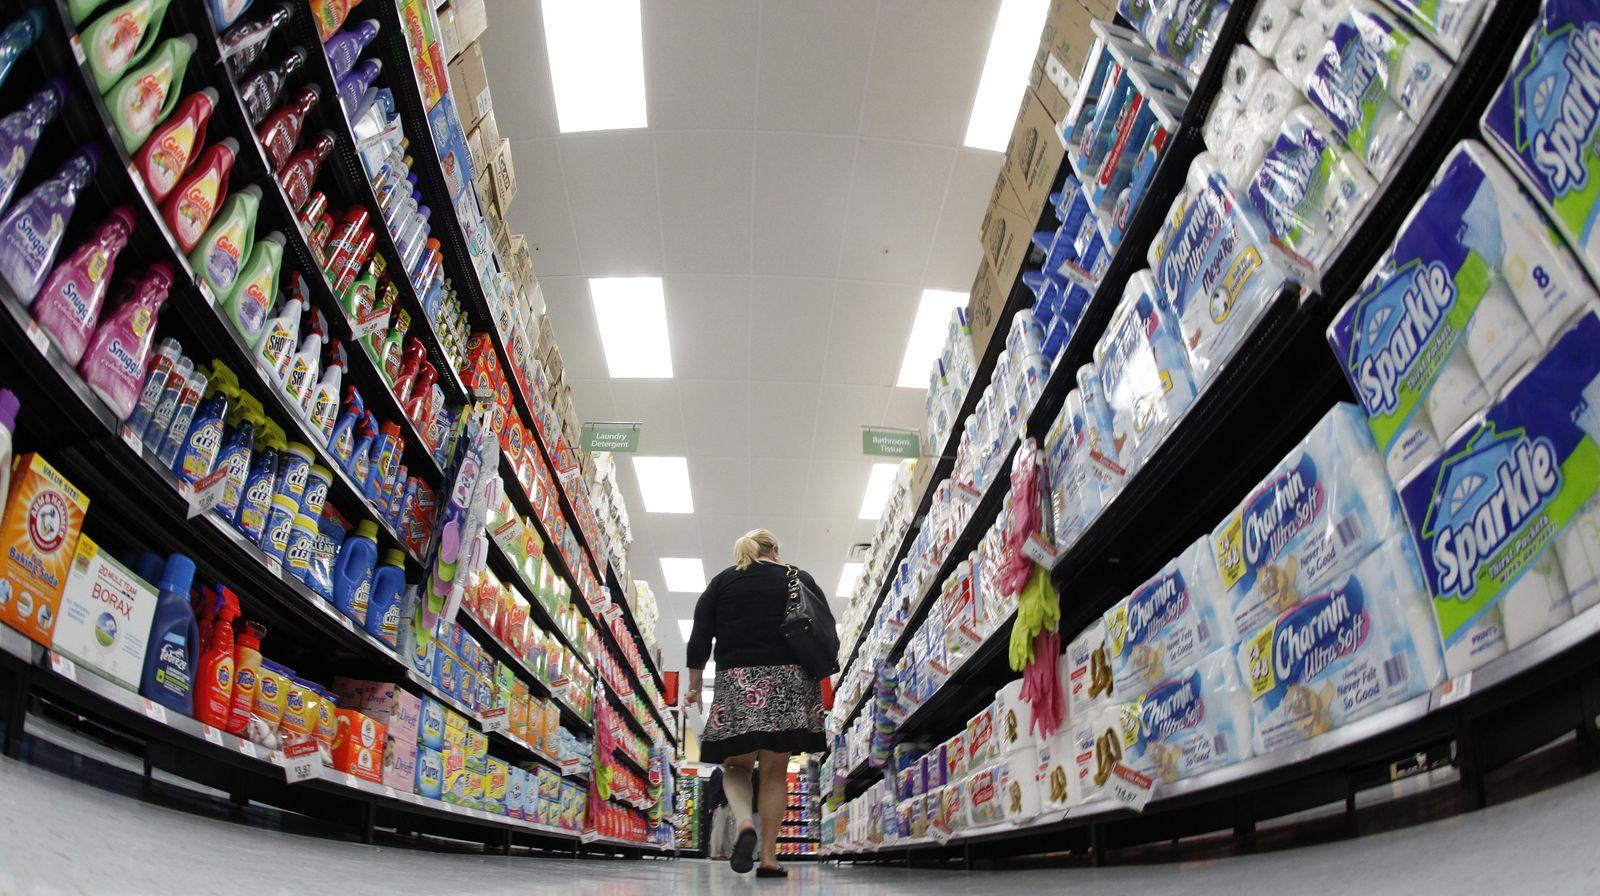 Walmart / Wal-Mart / Einkaufen / Supermarkt / Lebensmittel